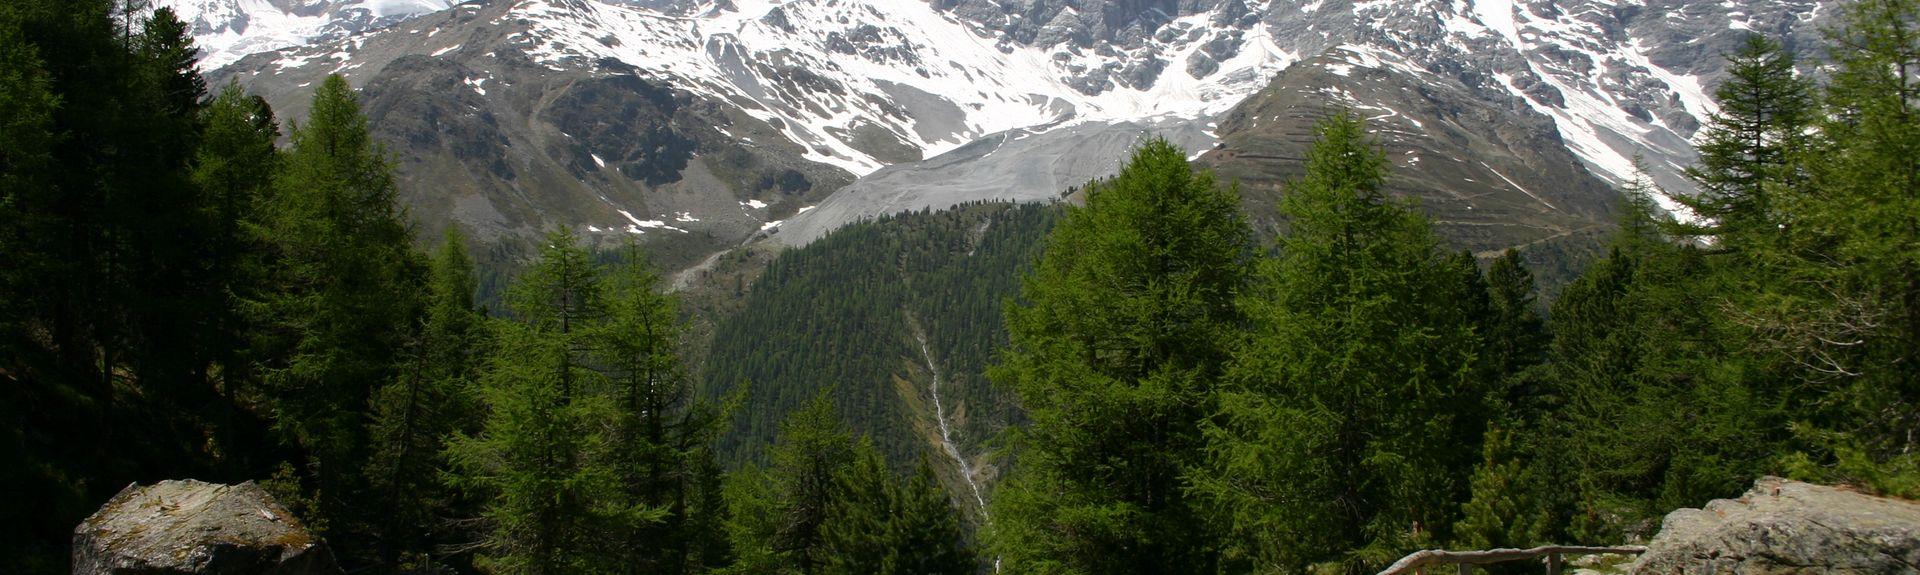 Tubre, Trentino-Alto Adigio, Italia